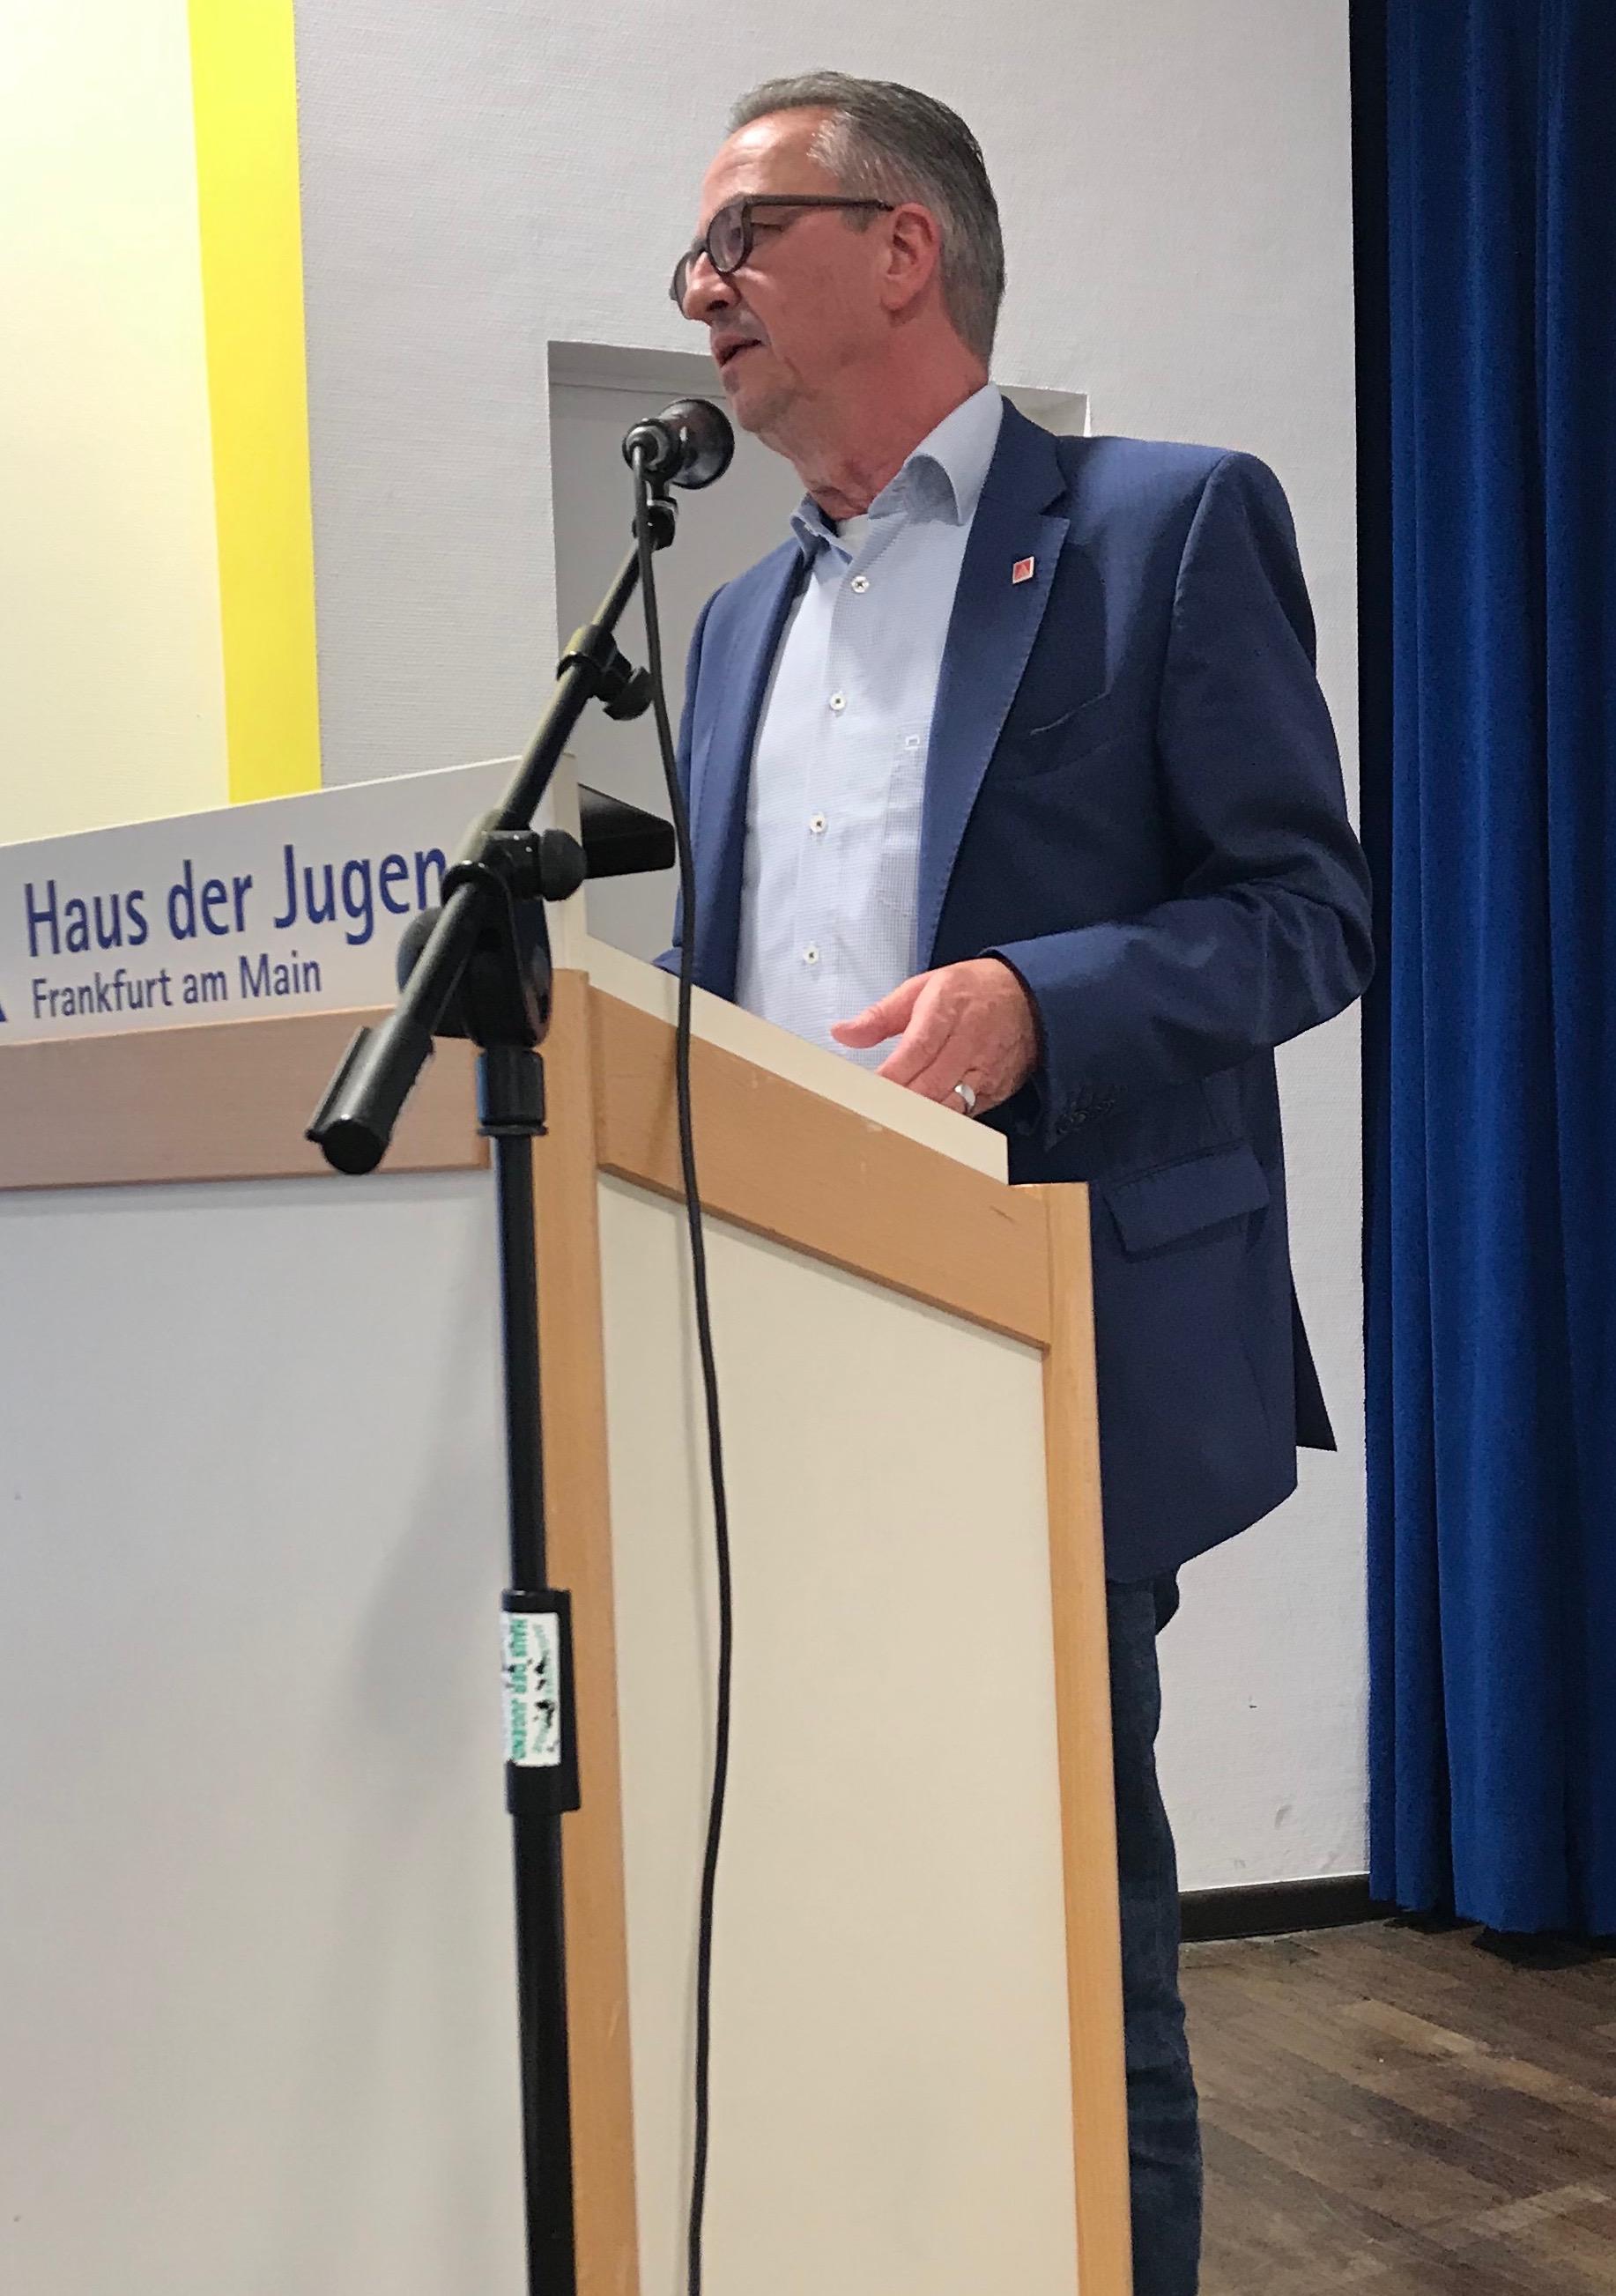 Ein mittelalter Herr in dunklem Anzug, weißem Hemd steht hinter einem hellen Rednerpult und spricht in ein Mikro.